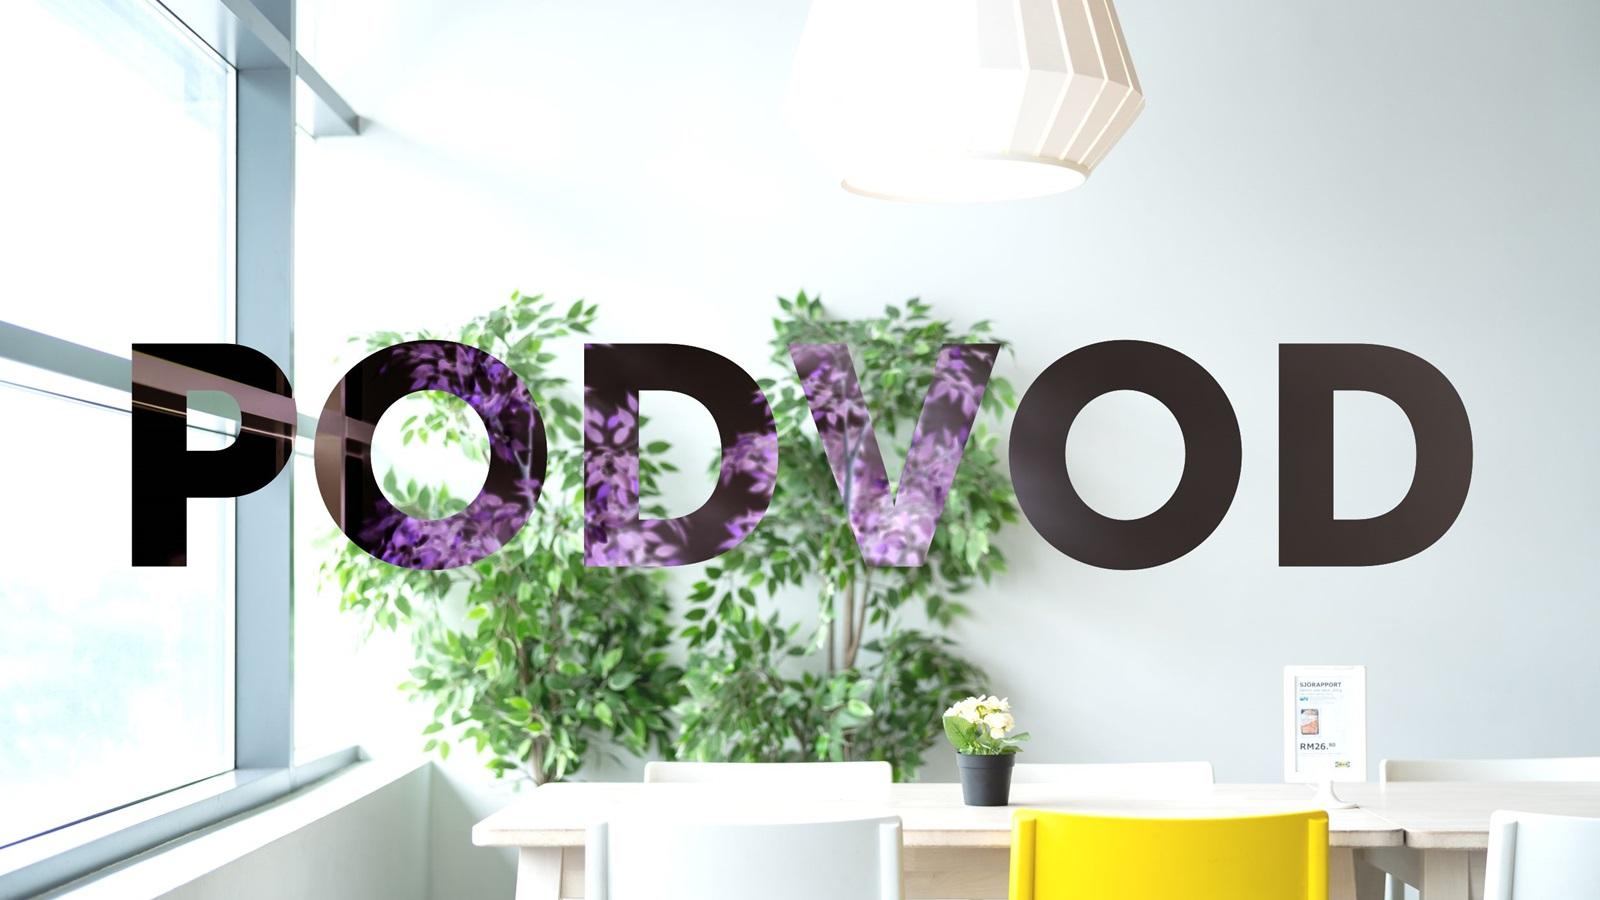 Juraj Mikuš apronájem bytu přes Airbnb? Podvodné inzeráty již řeší kriminálka